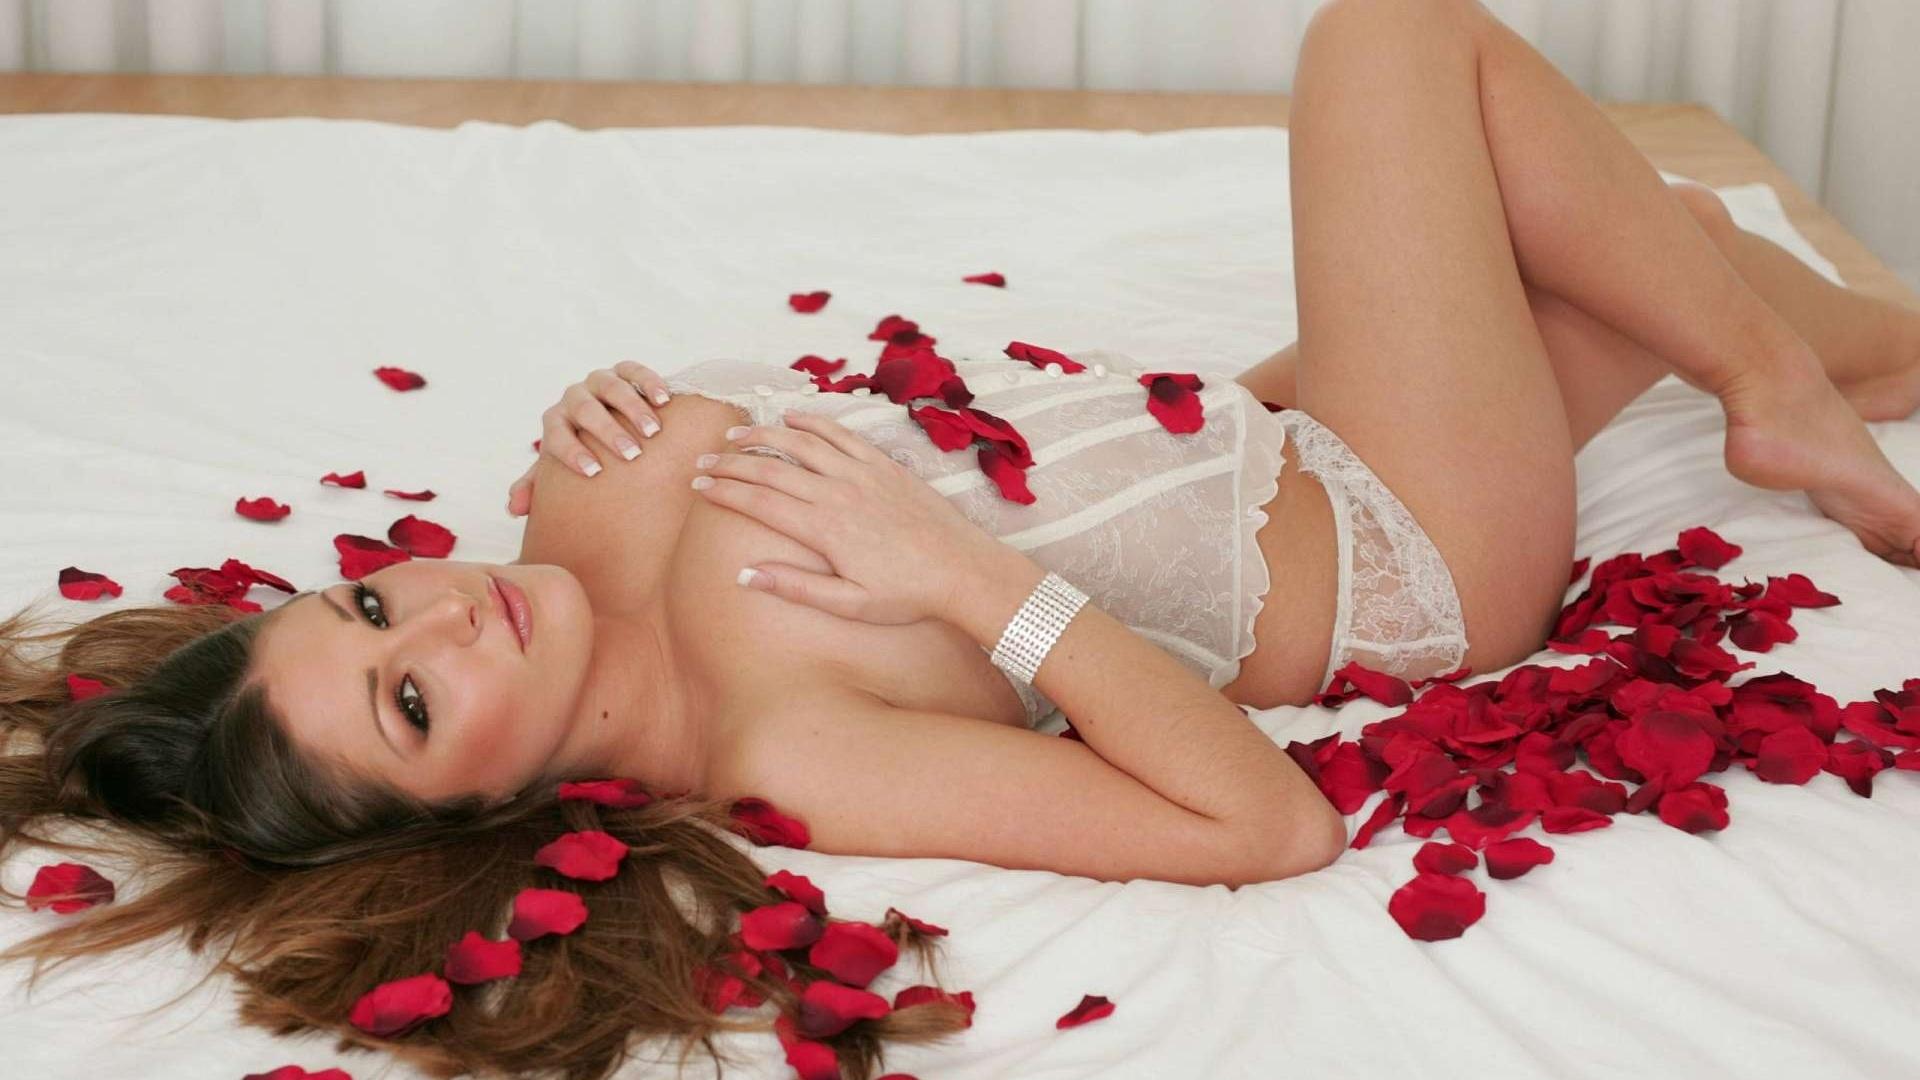 Красивый романтический секс с розами